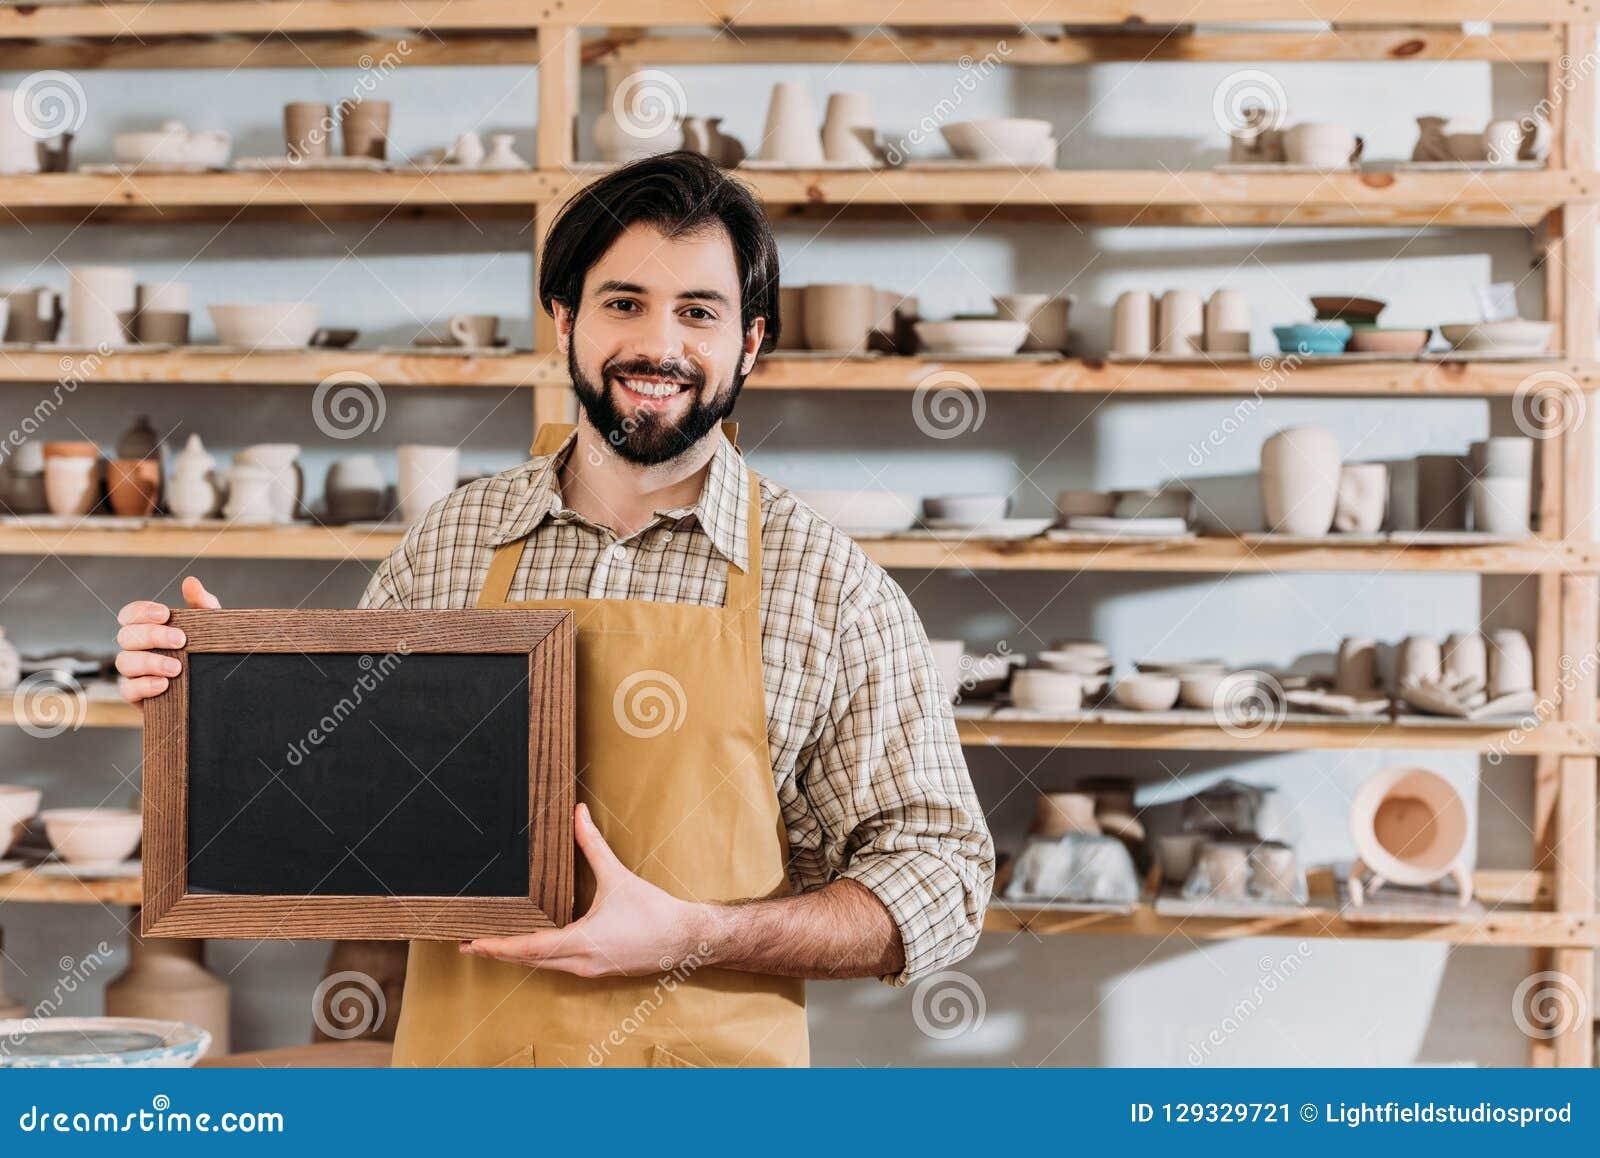 Mannelijke gebaarde eigenaar met bord in aardewerkworkshop